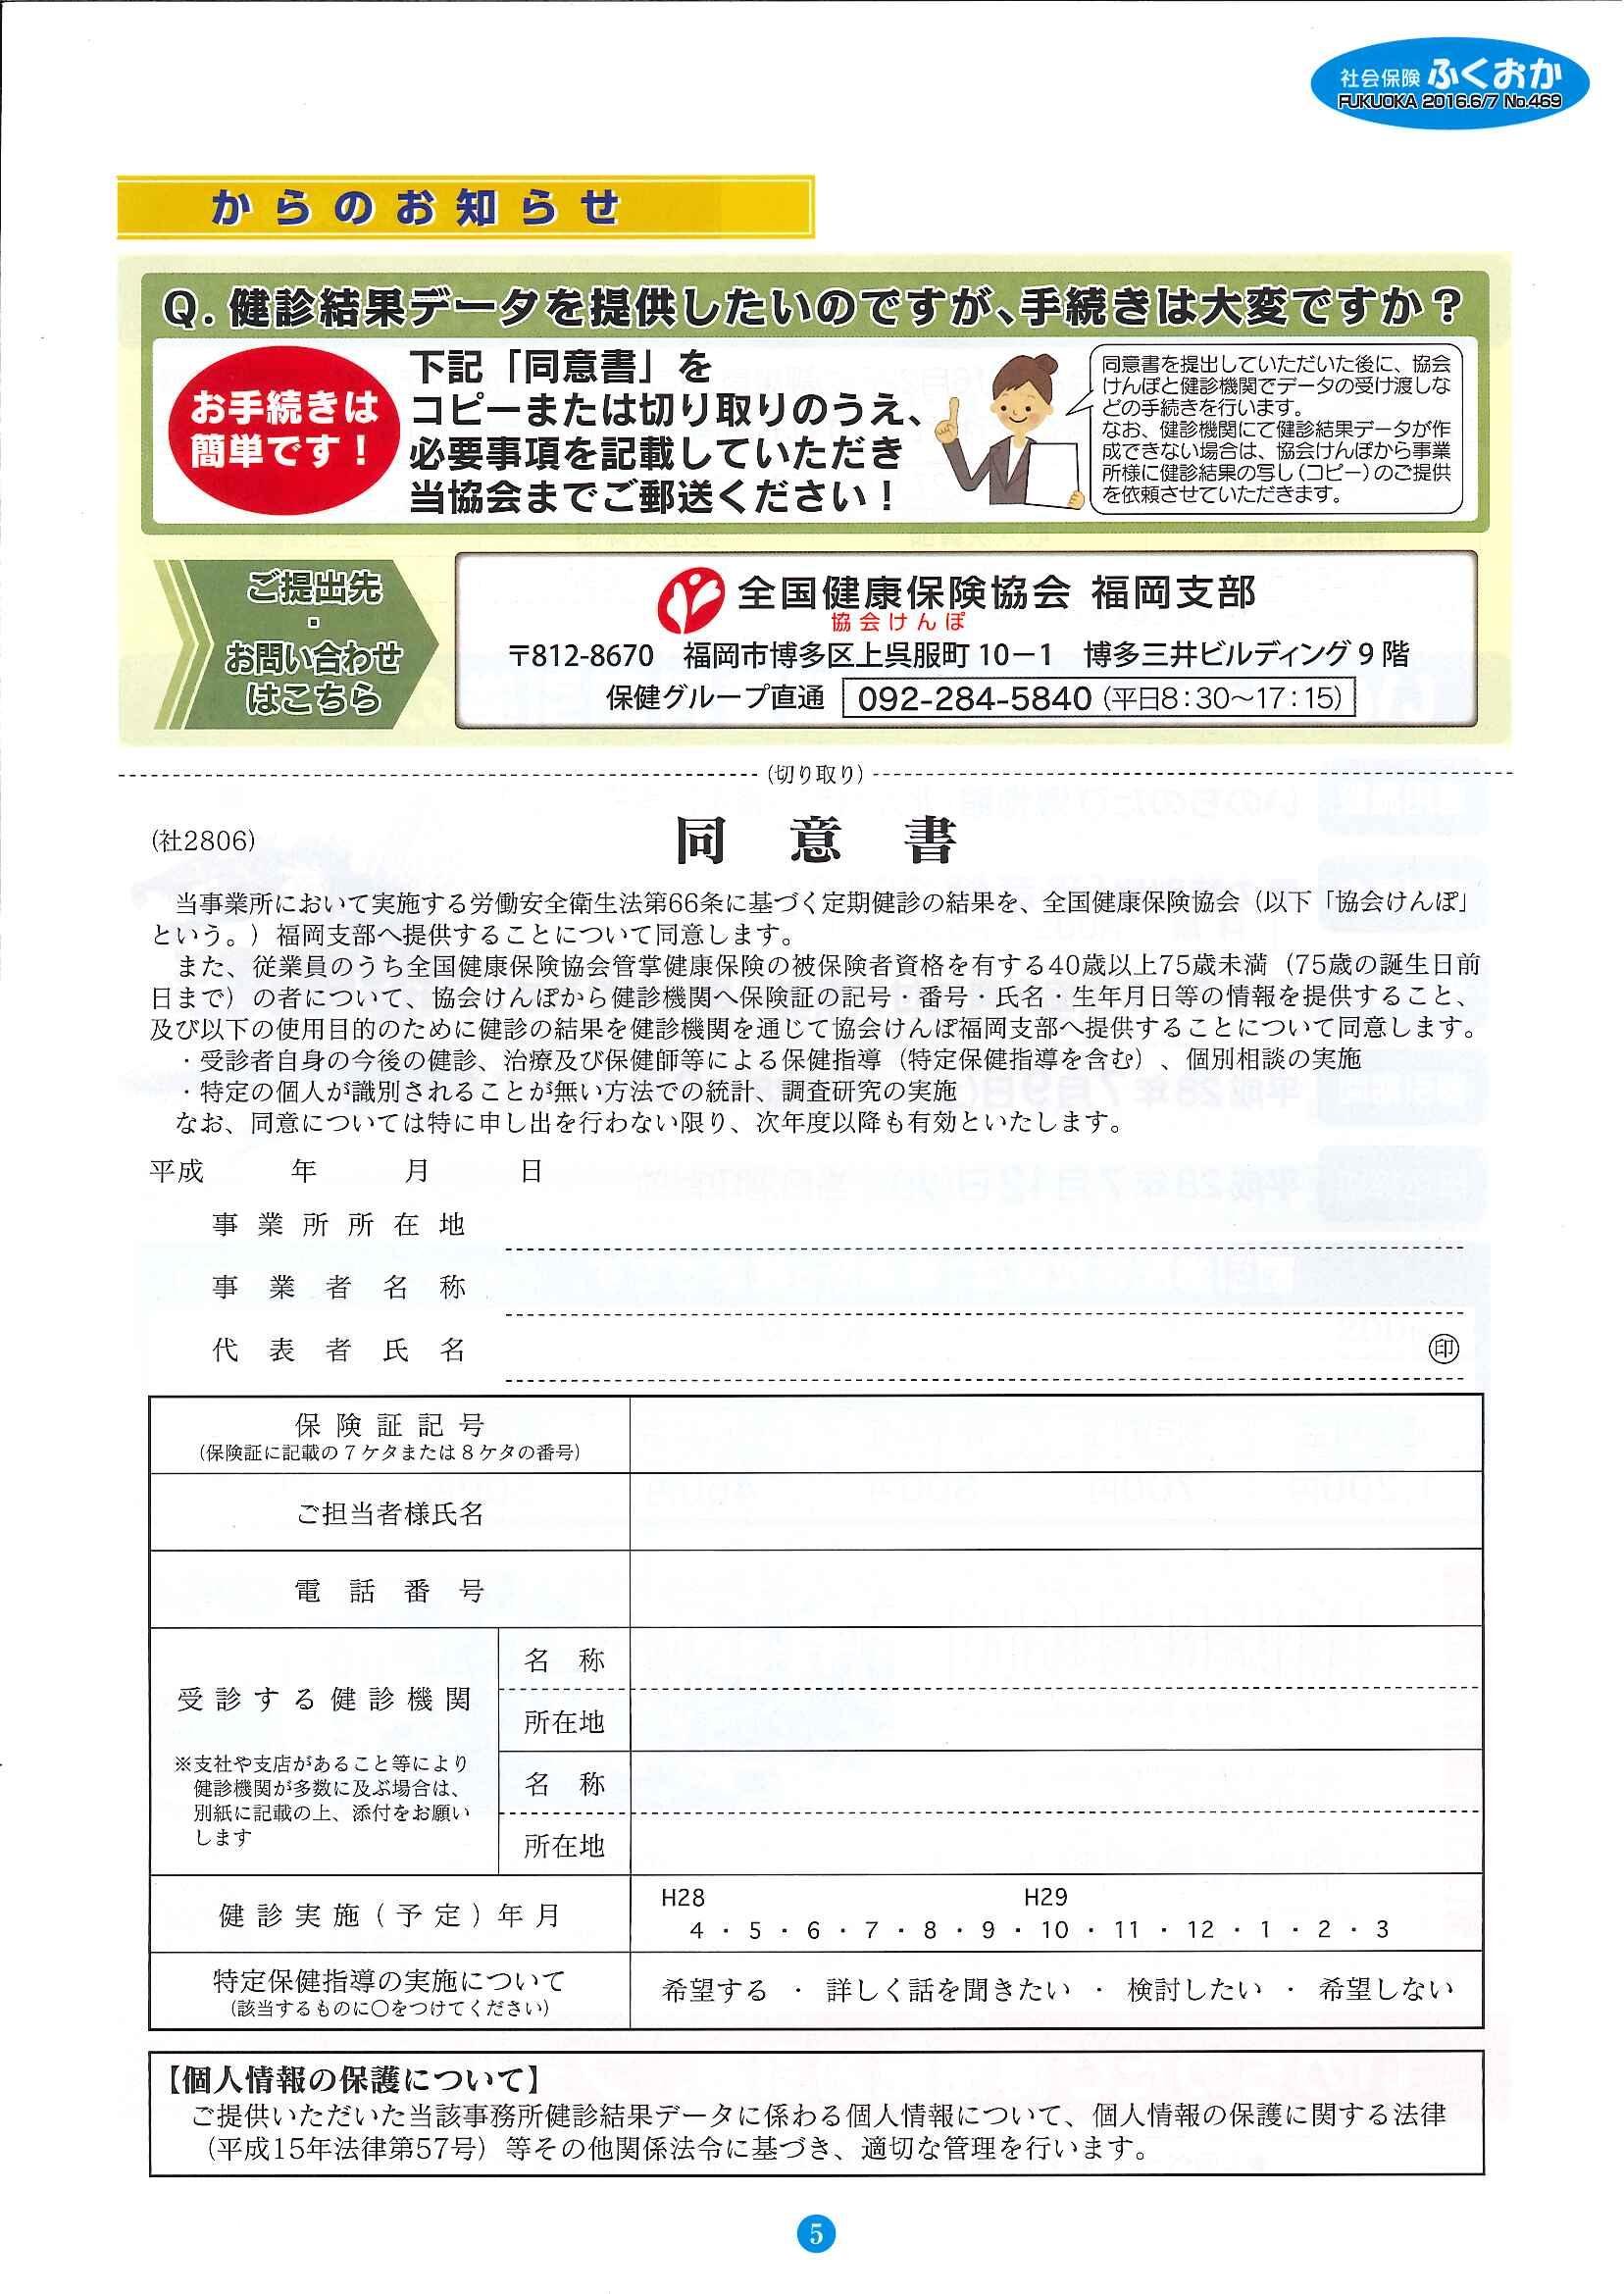 社会保険 ふくおか 2016年6・7月号_f0120774_15384071.jpg